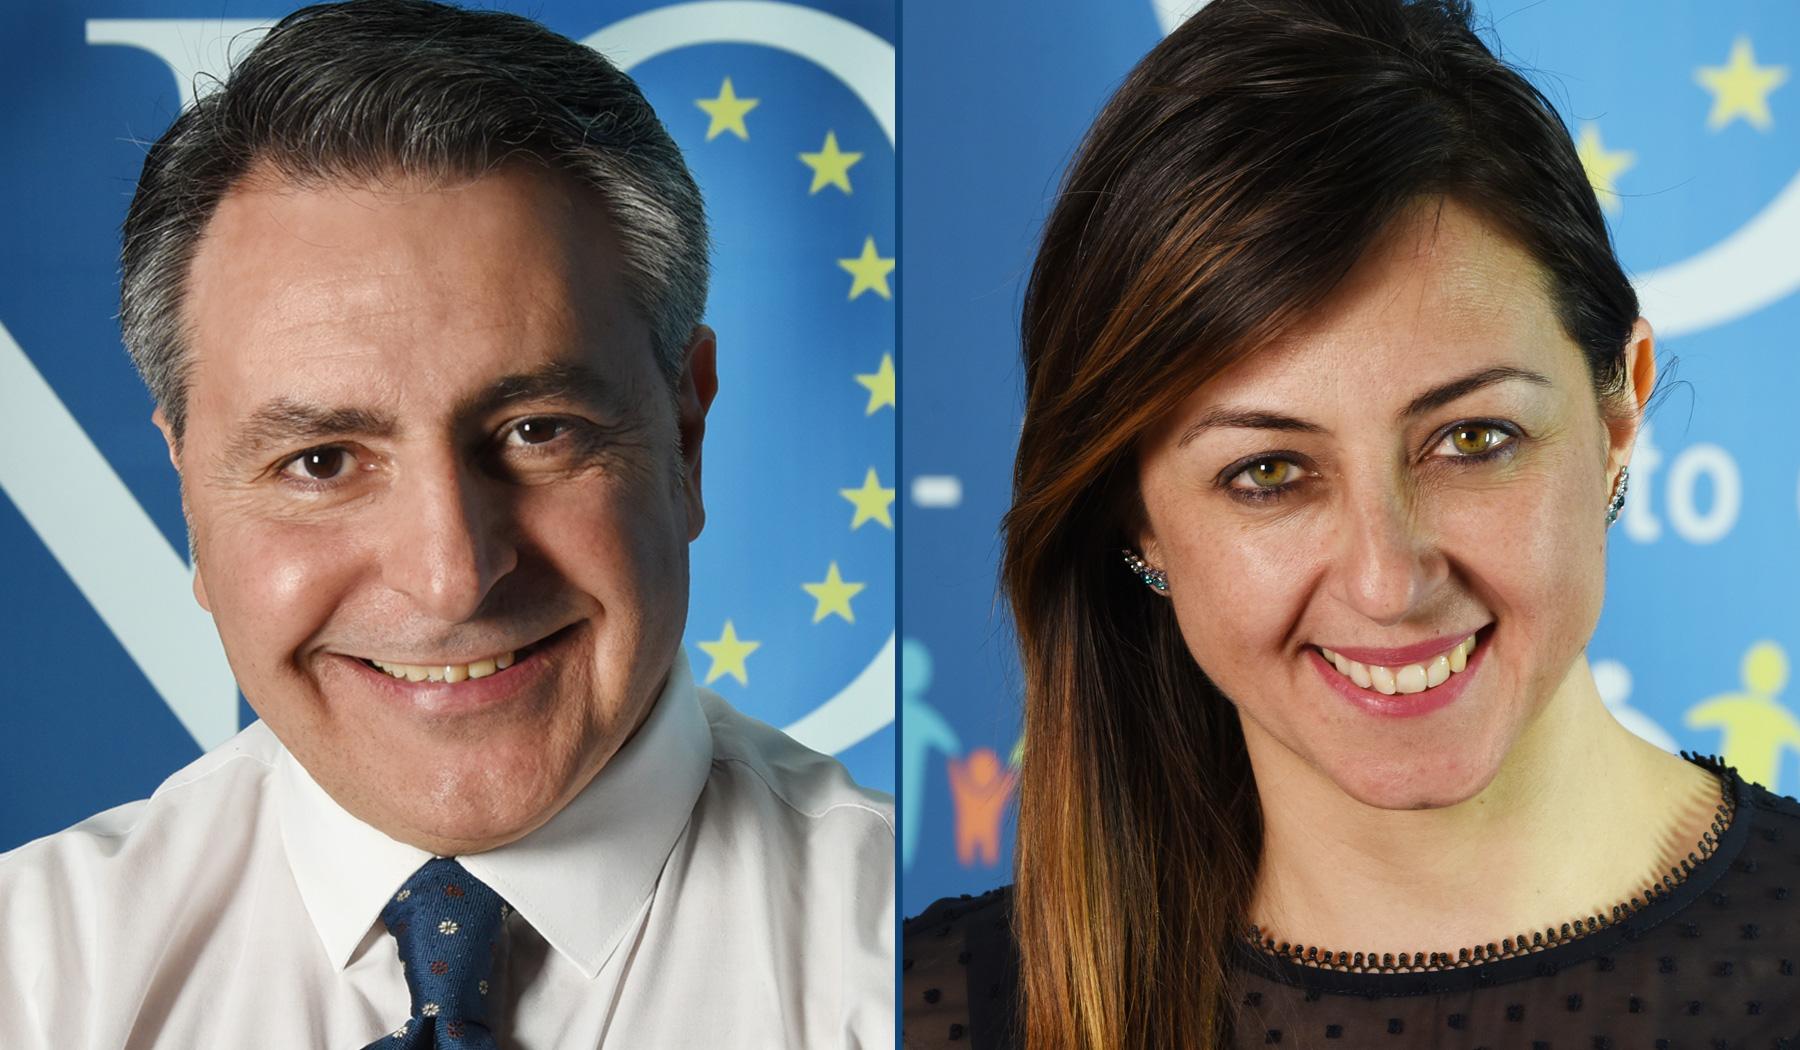 Fabio Gallo ed Eleonora Cafiero Movimento Civico NOI